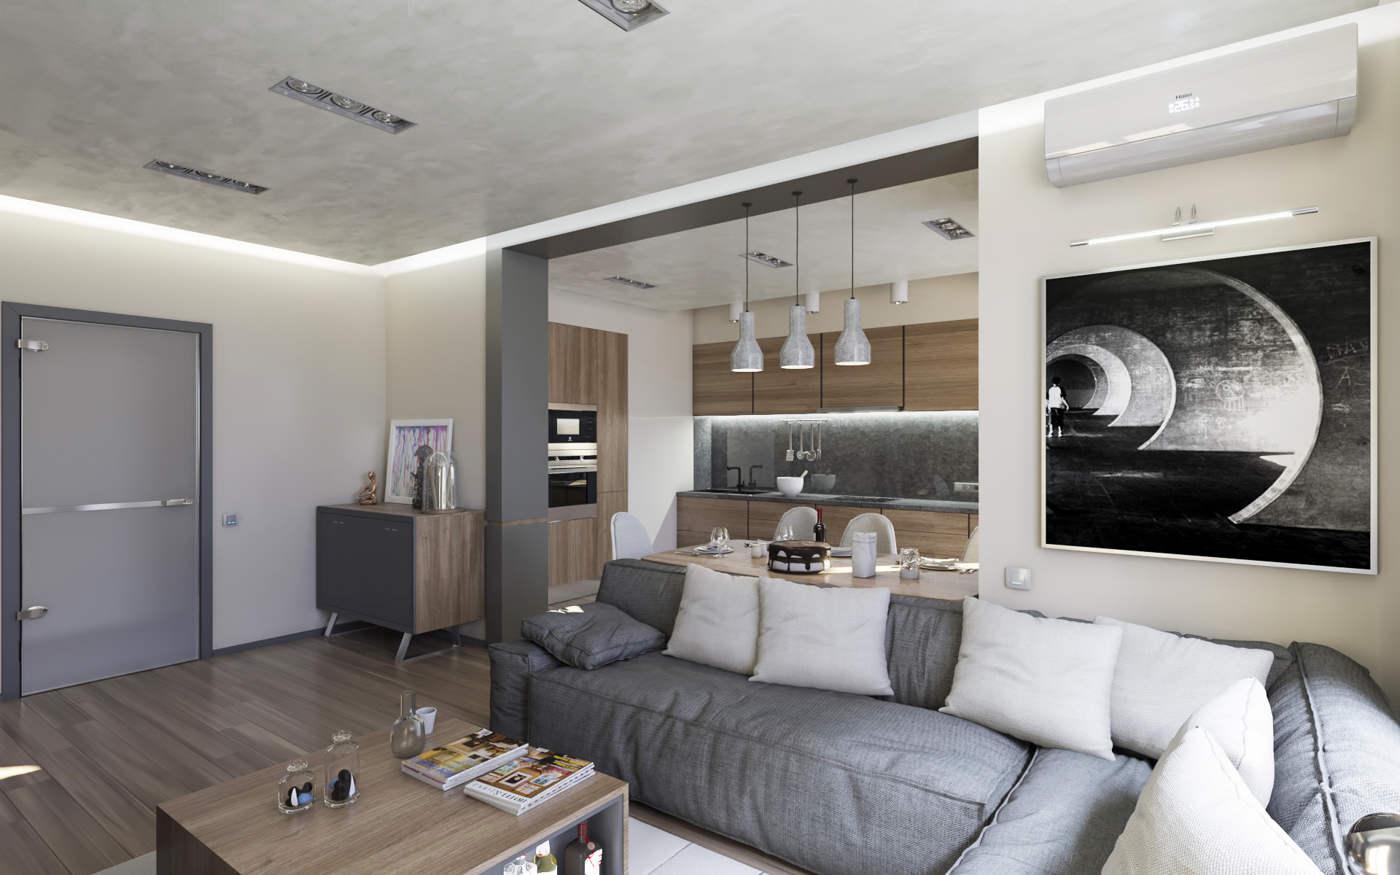 Дизайн кухни в квартире Киев скандинавский стиль ЖК Малахит Богдановская ул.